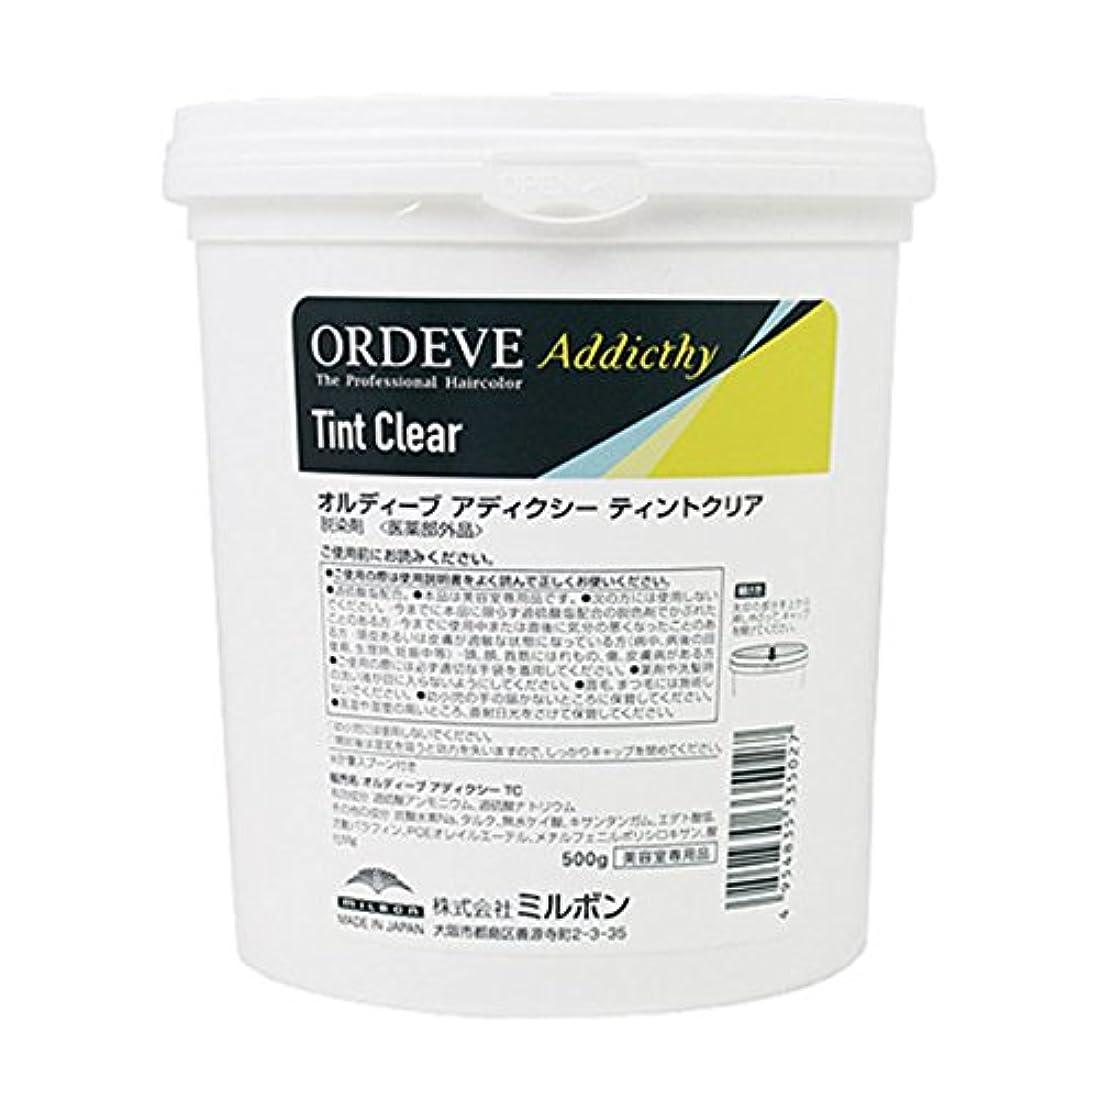 器具流位置づけるミルボン オルディーブ アディクシー ティントクリア 500g (脱色剤?脱染剤)